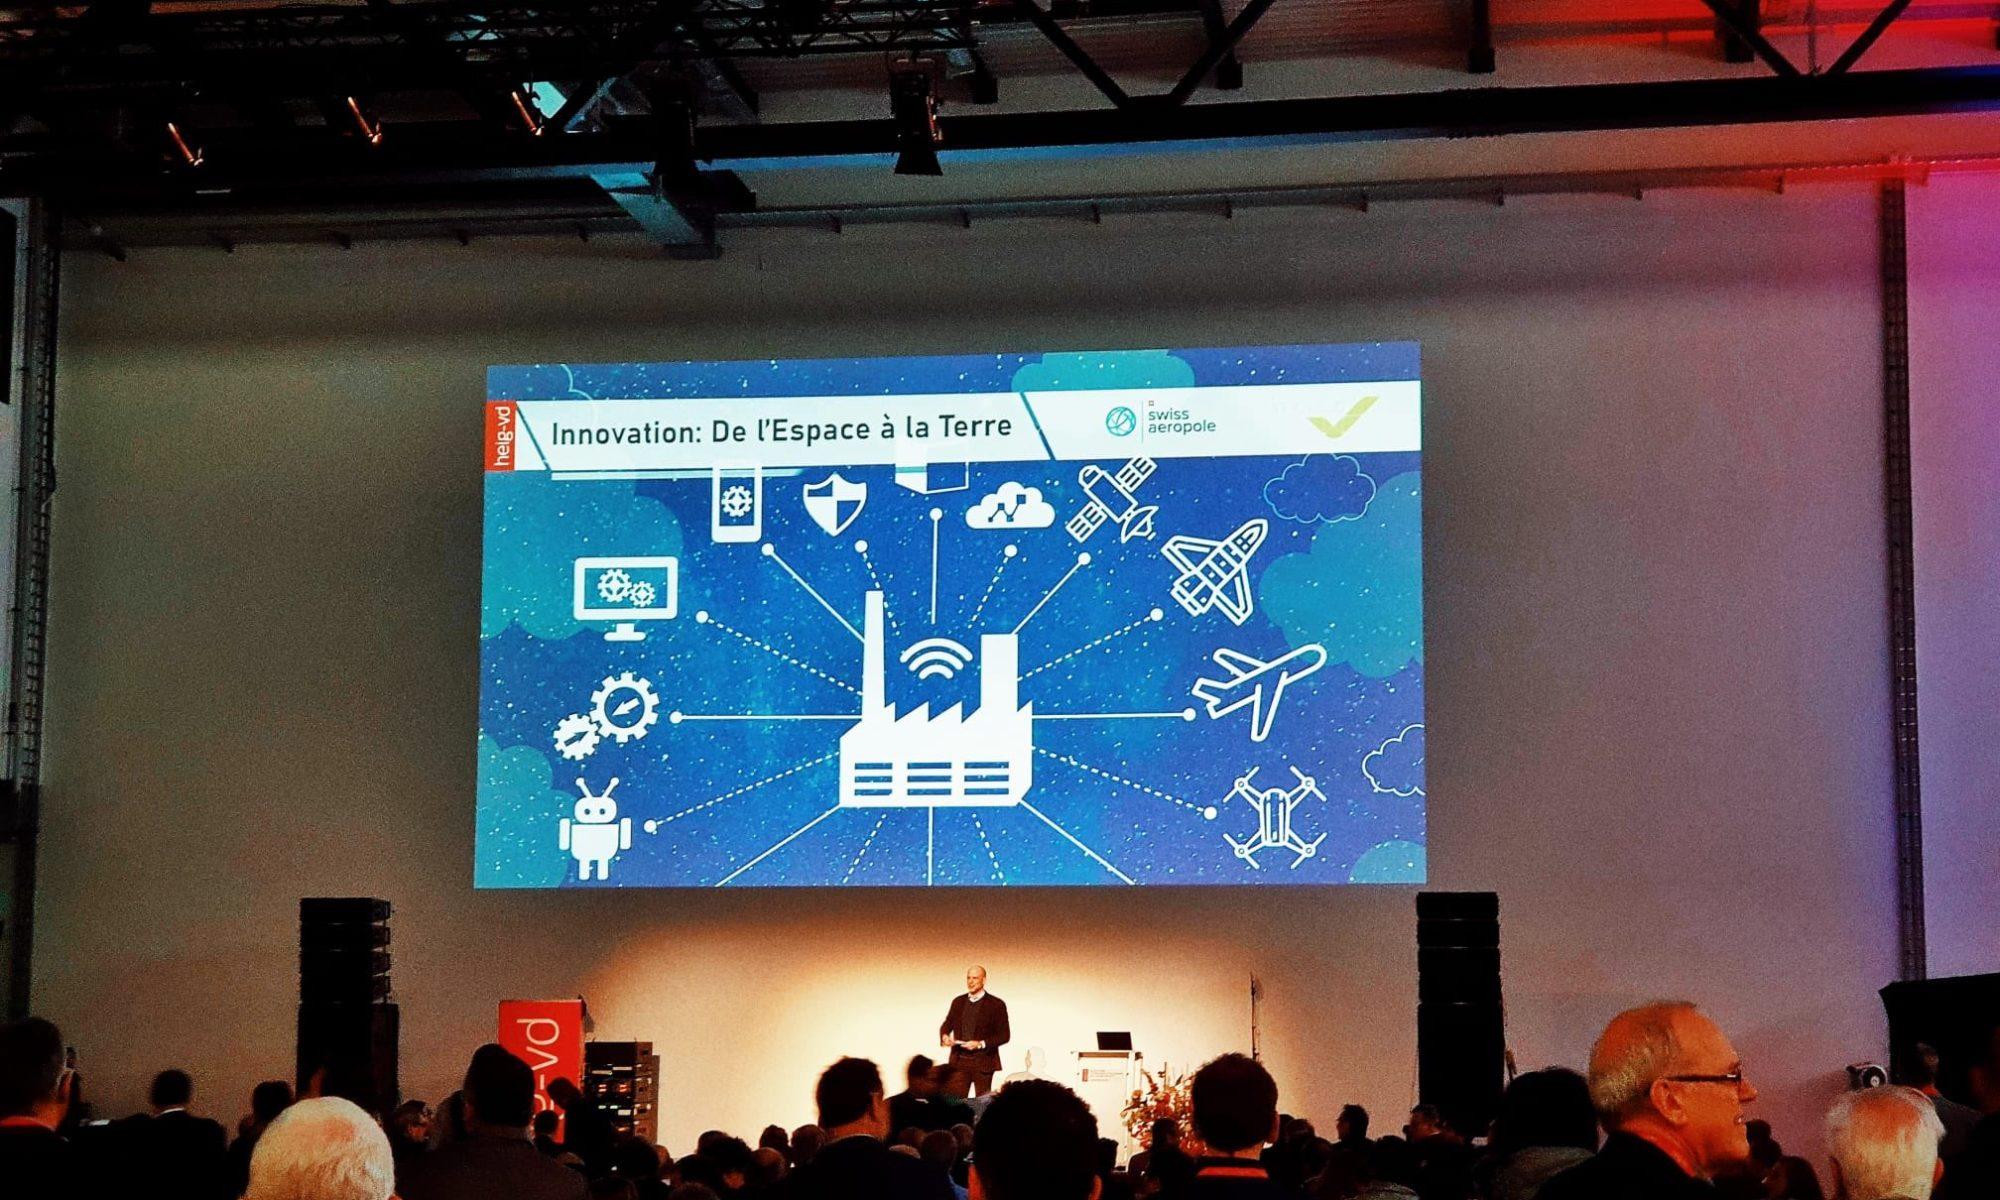 HEIG-VD event: Innovation, UAM